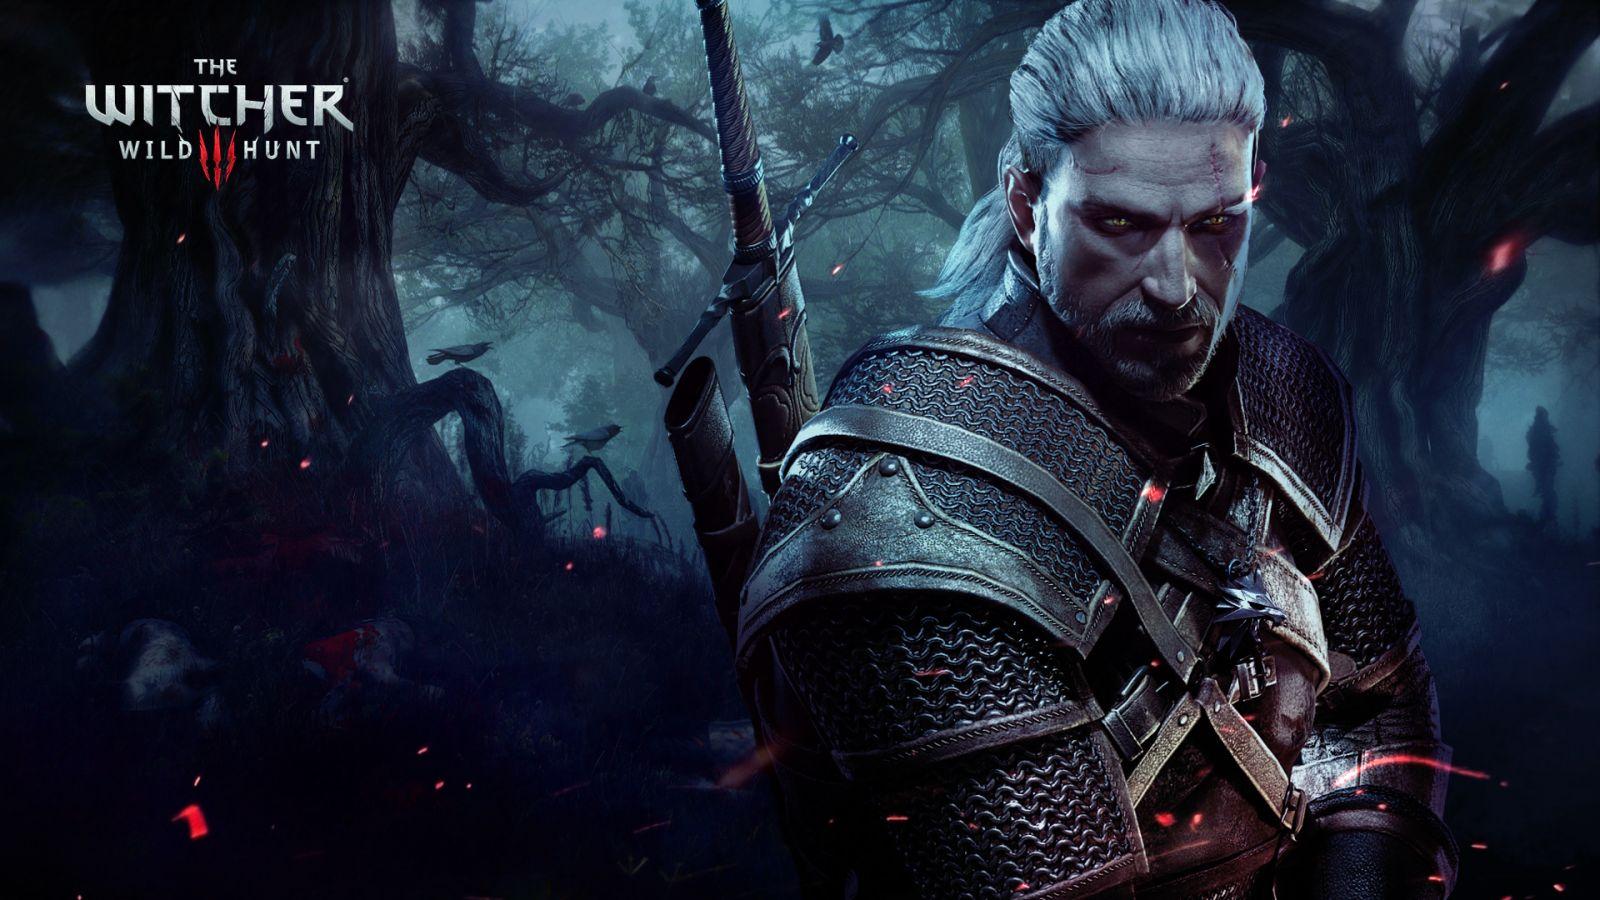 The Witcher 3 Wild Hunt - Geralt di Rivia